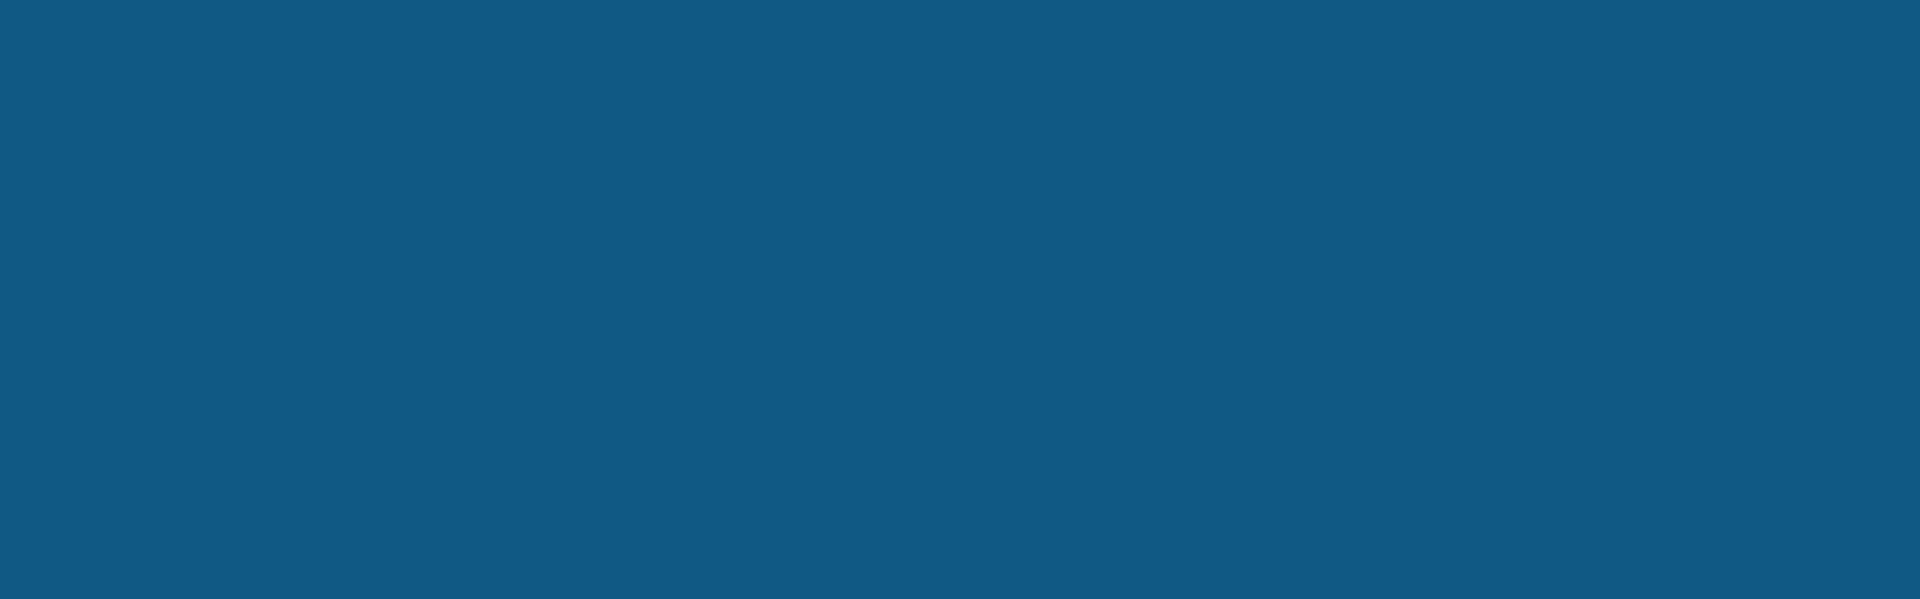 国産ヴィンテージ家具のROUGH&TOUGH(ラフアンドタフ)